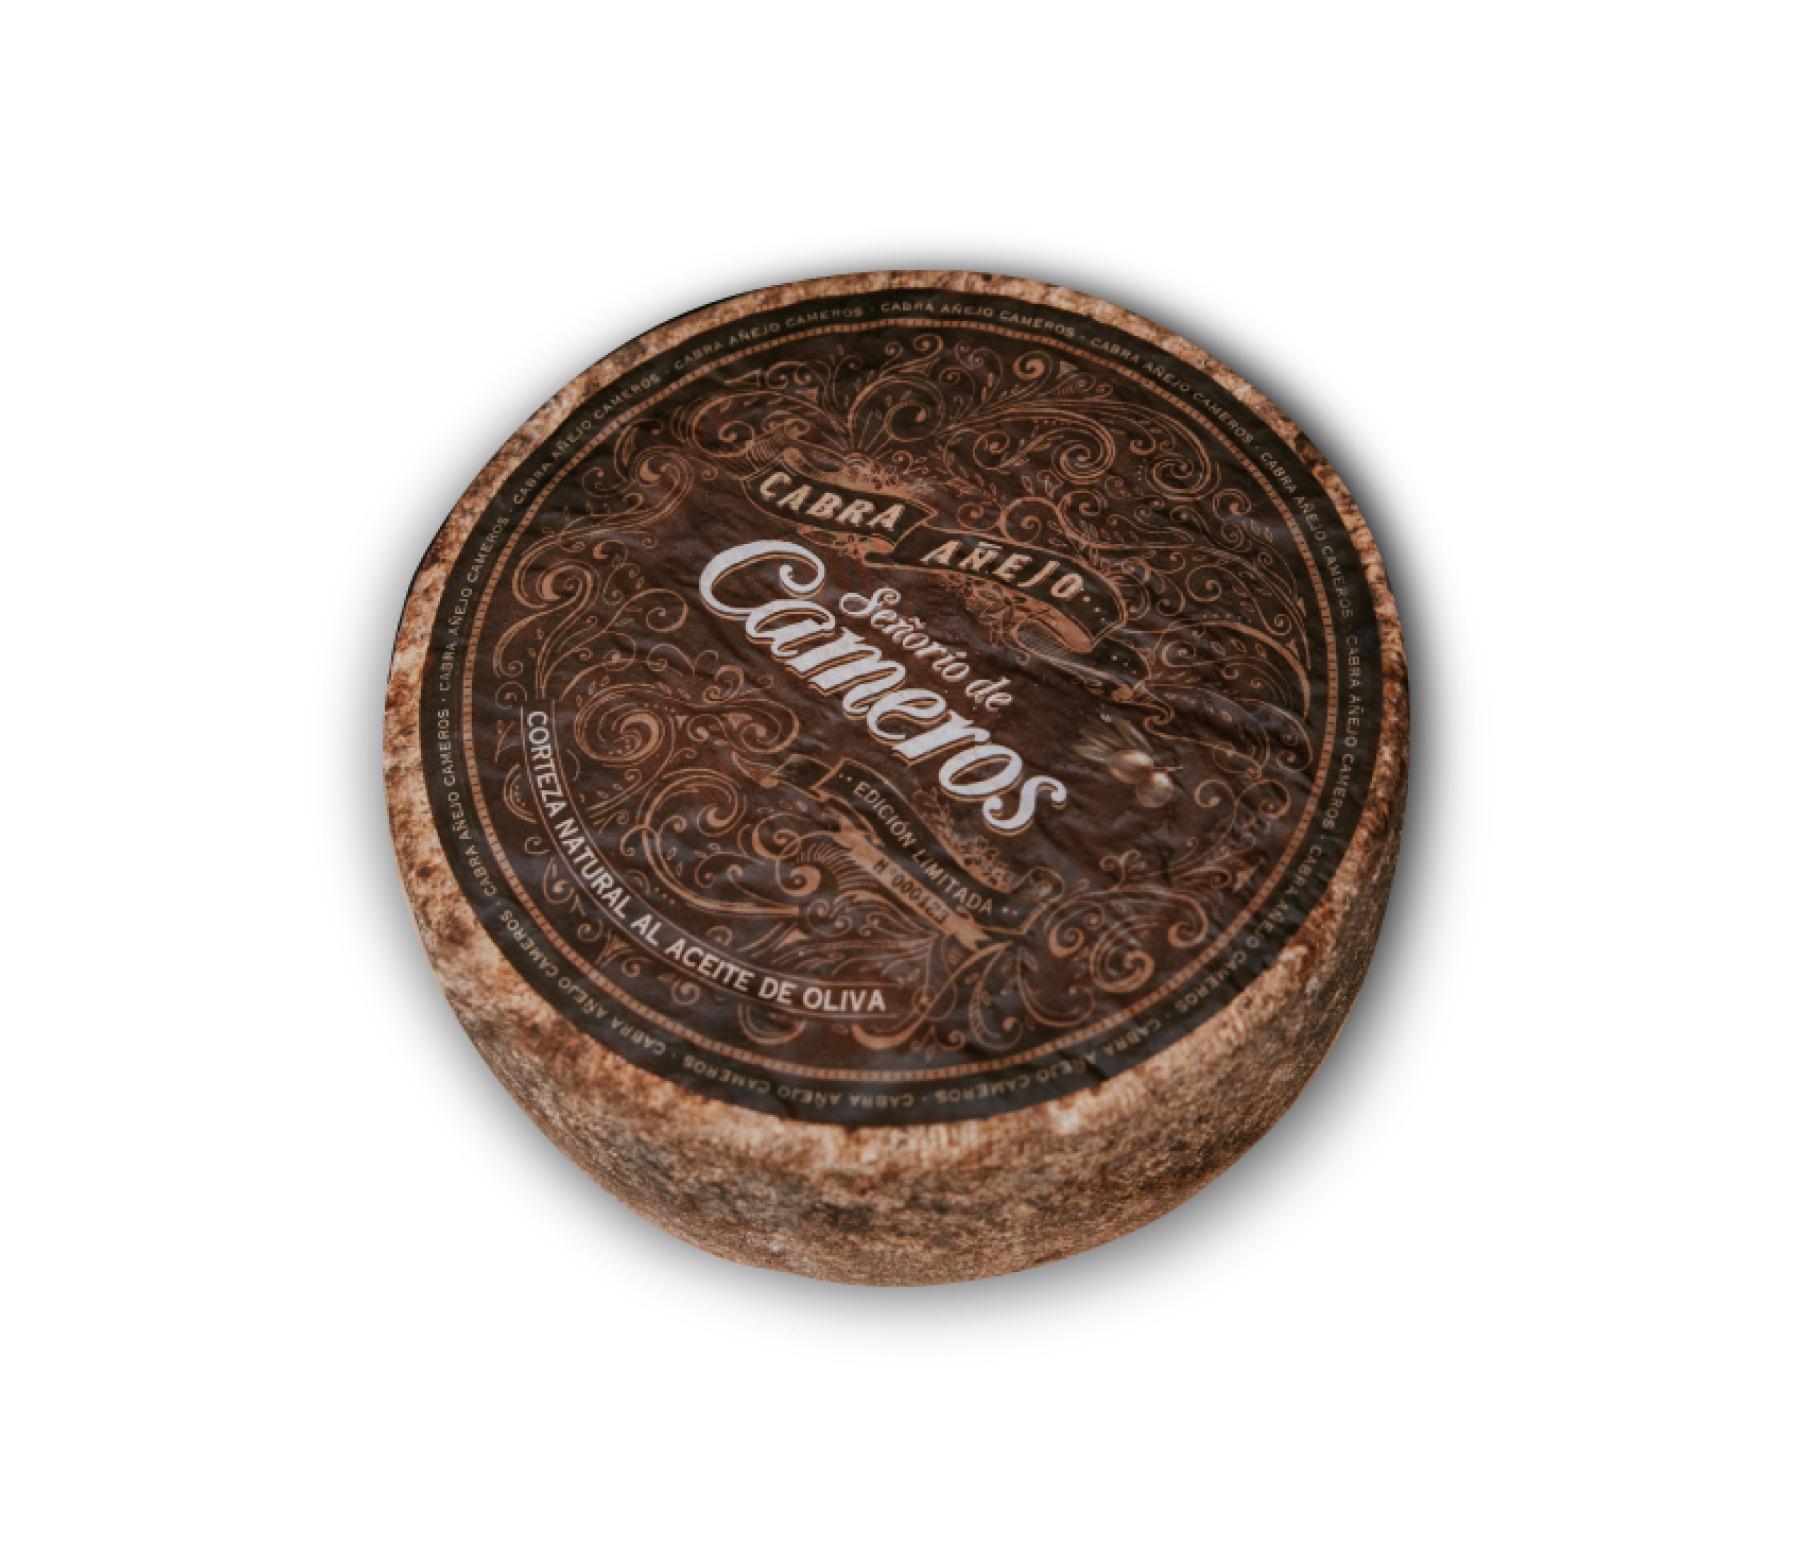 lacteos_martinez-queso_los_cameros-producto